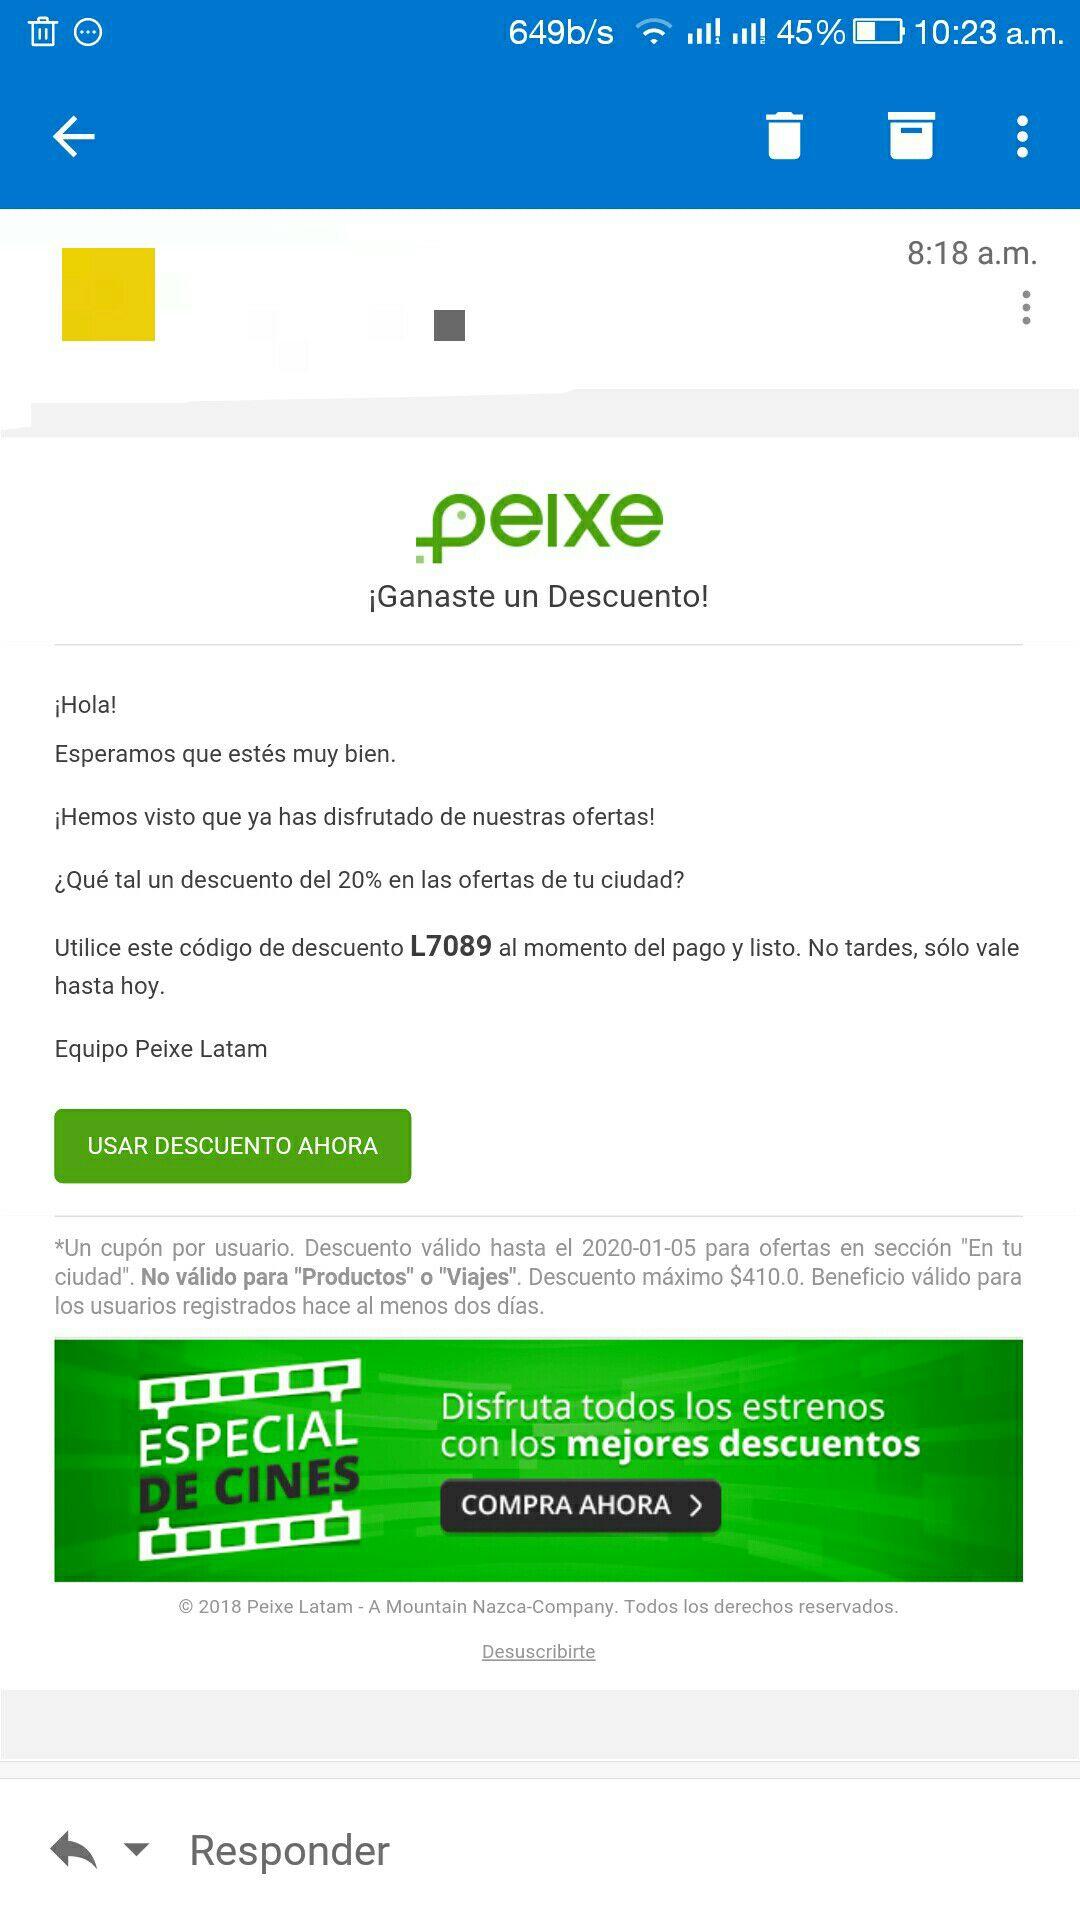 Groupon Peixe: 20% Off Solo Hoy (5 enero)